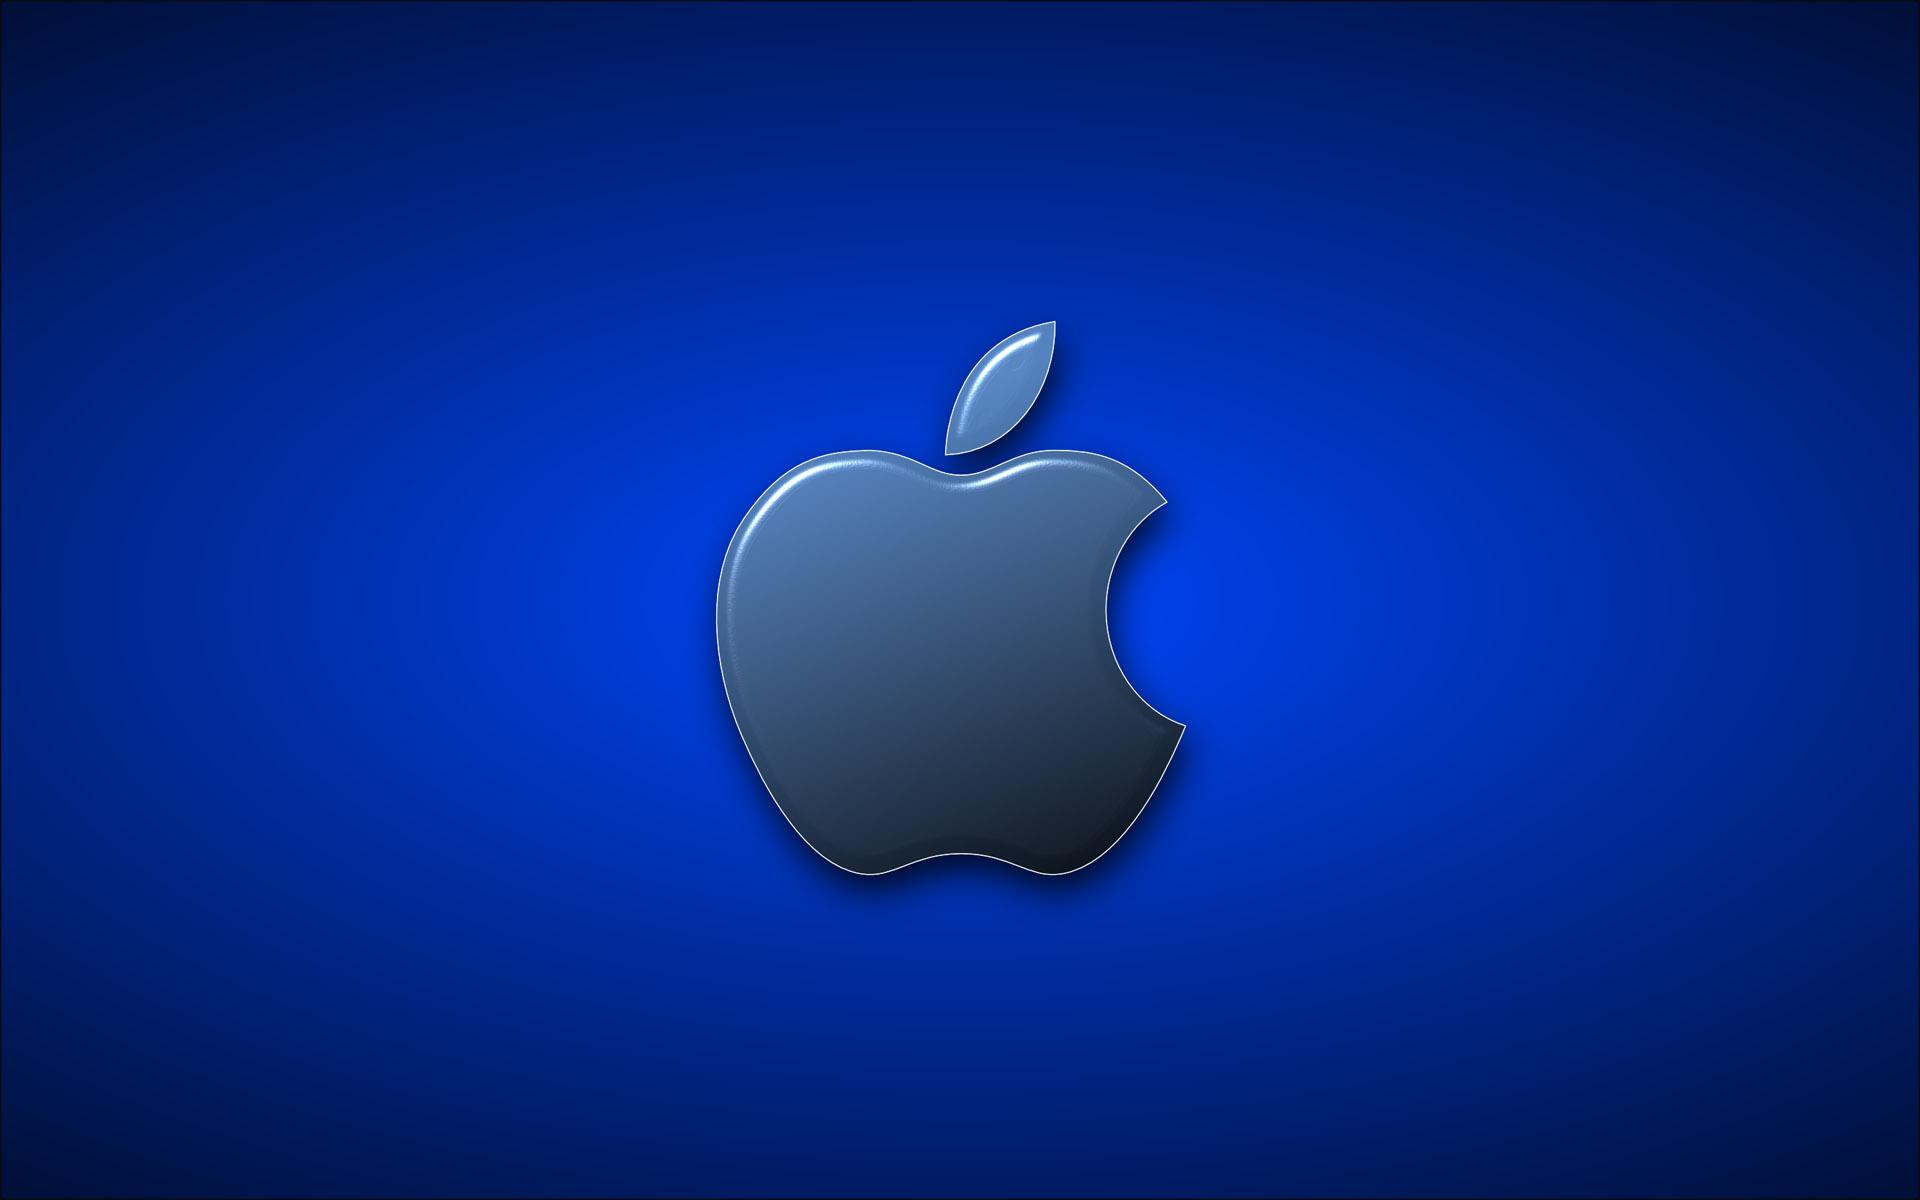 картинки яблоко айфона на рабочий стол мачеха мини платье